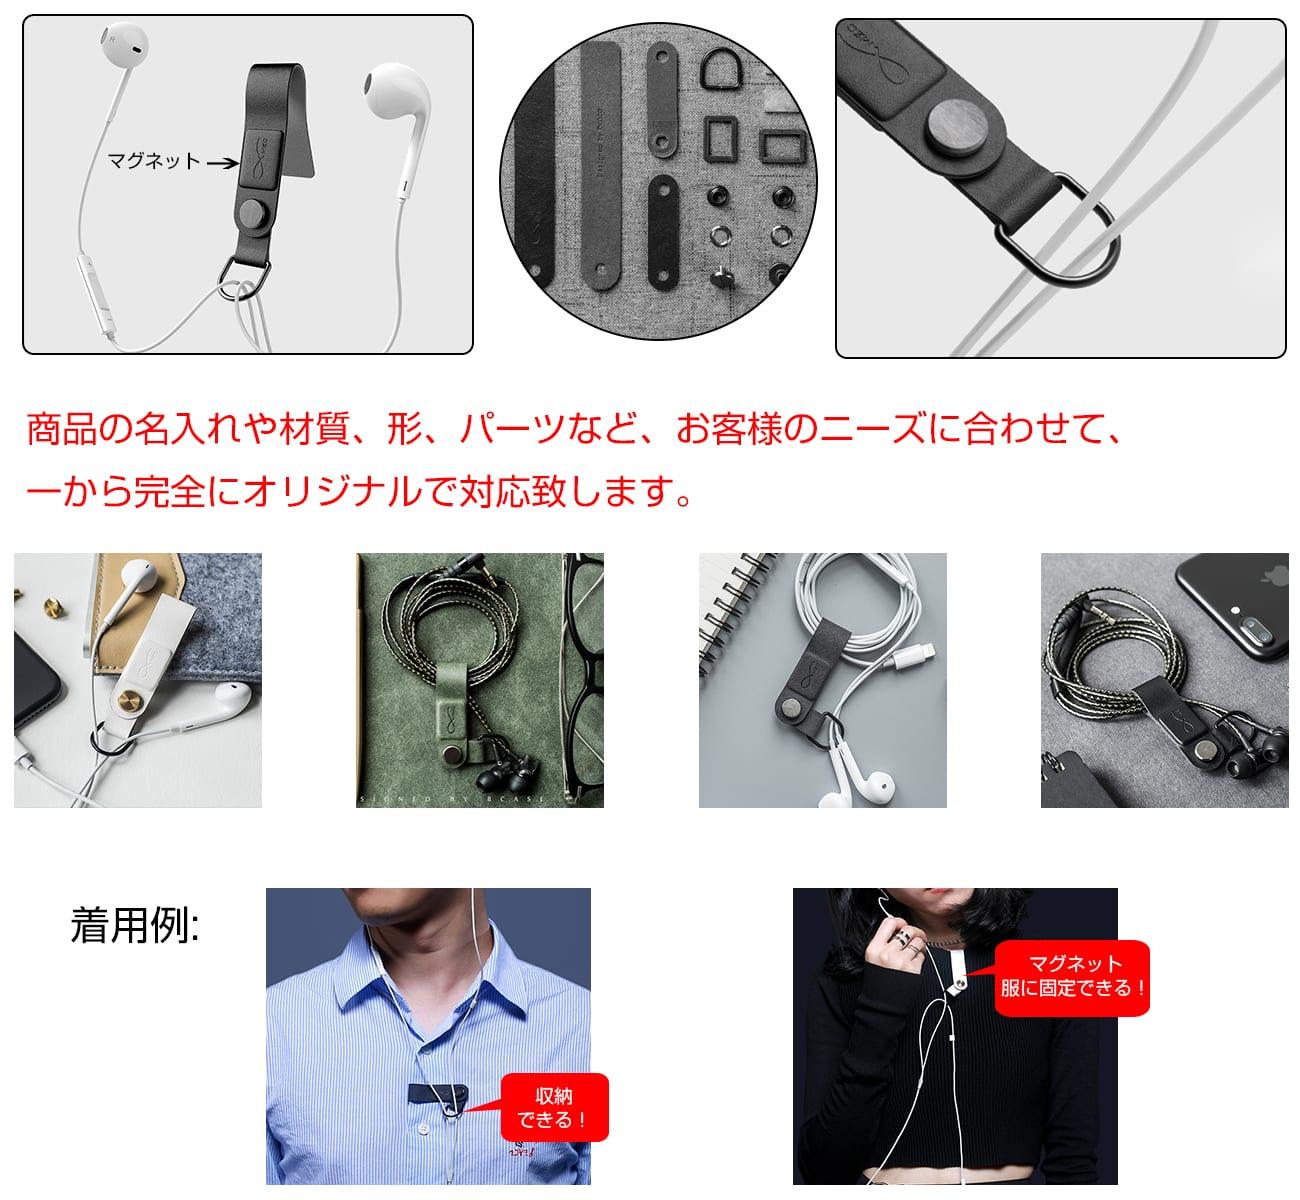 ノベルティ製造-イヤホン巻き取りオリジナル製作のノベルティ製造